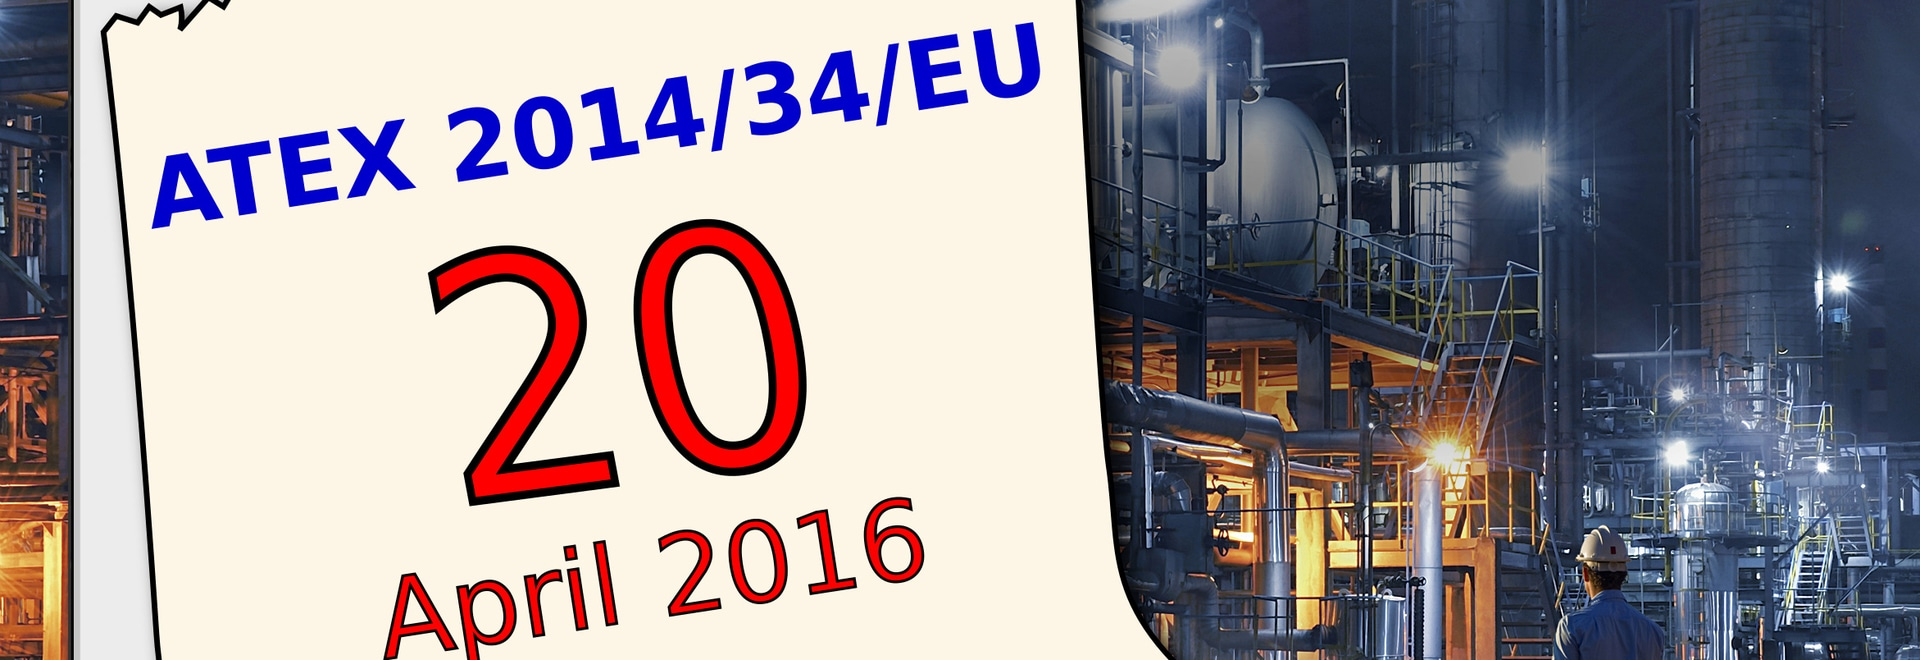 ATEX 2014/34/EU entre en vigueur le 20 avril 2016